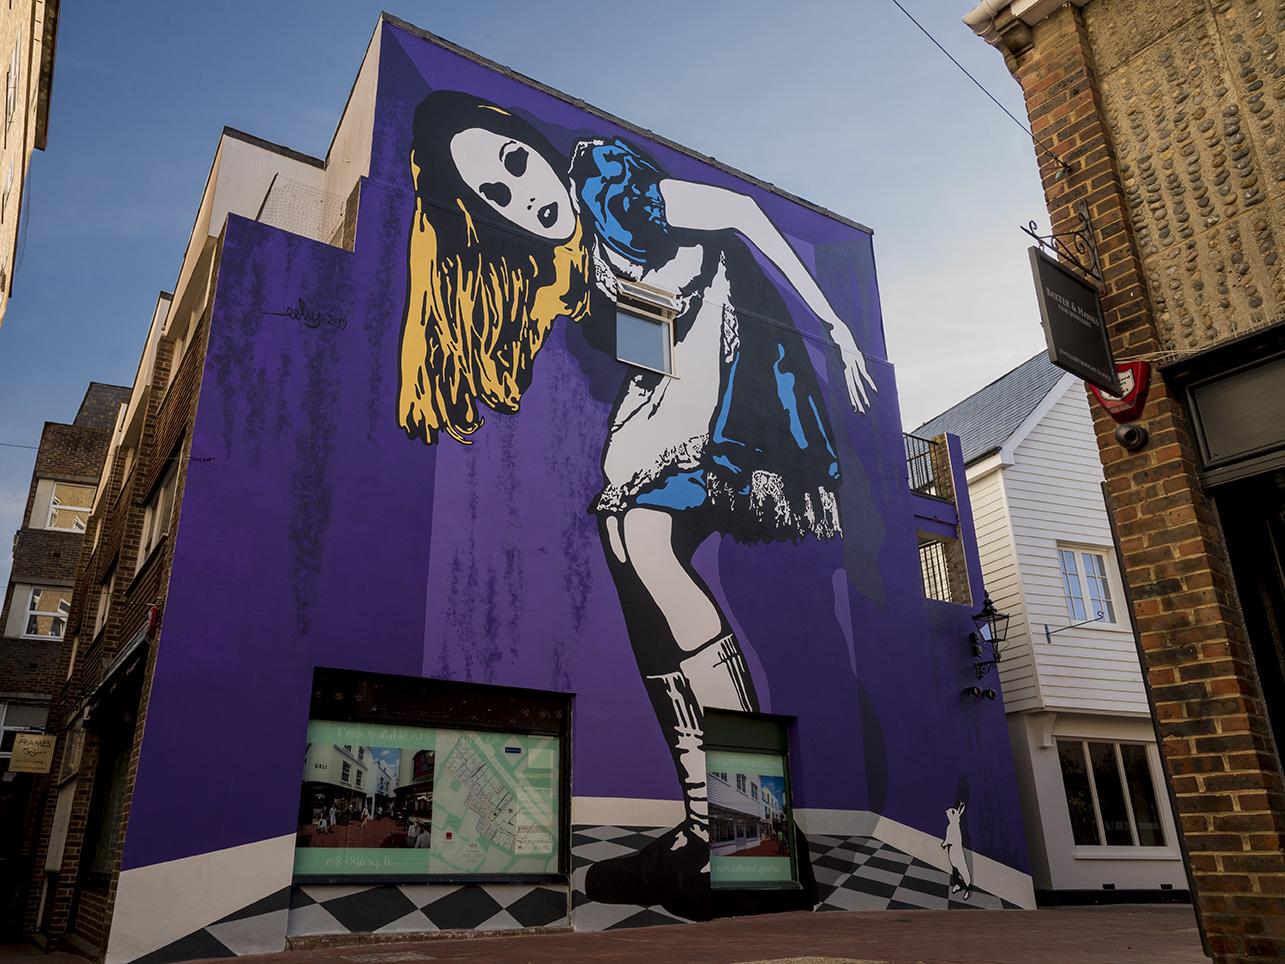 Alice Mural by Eelus